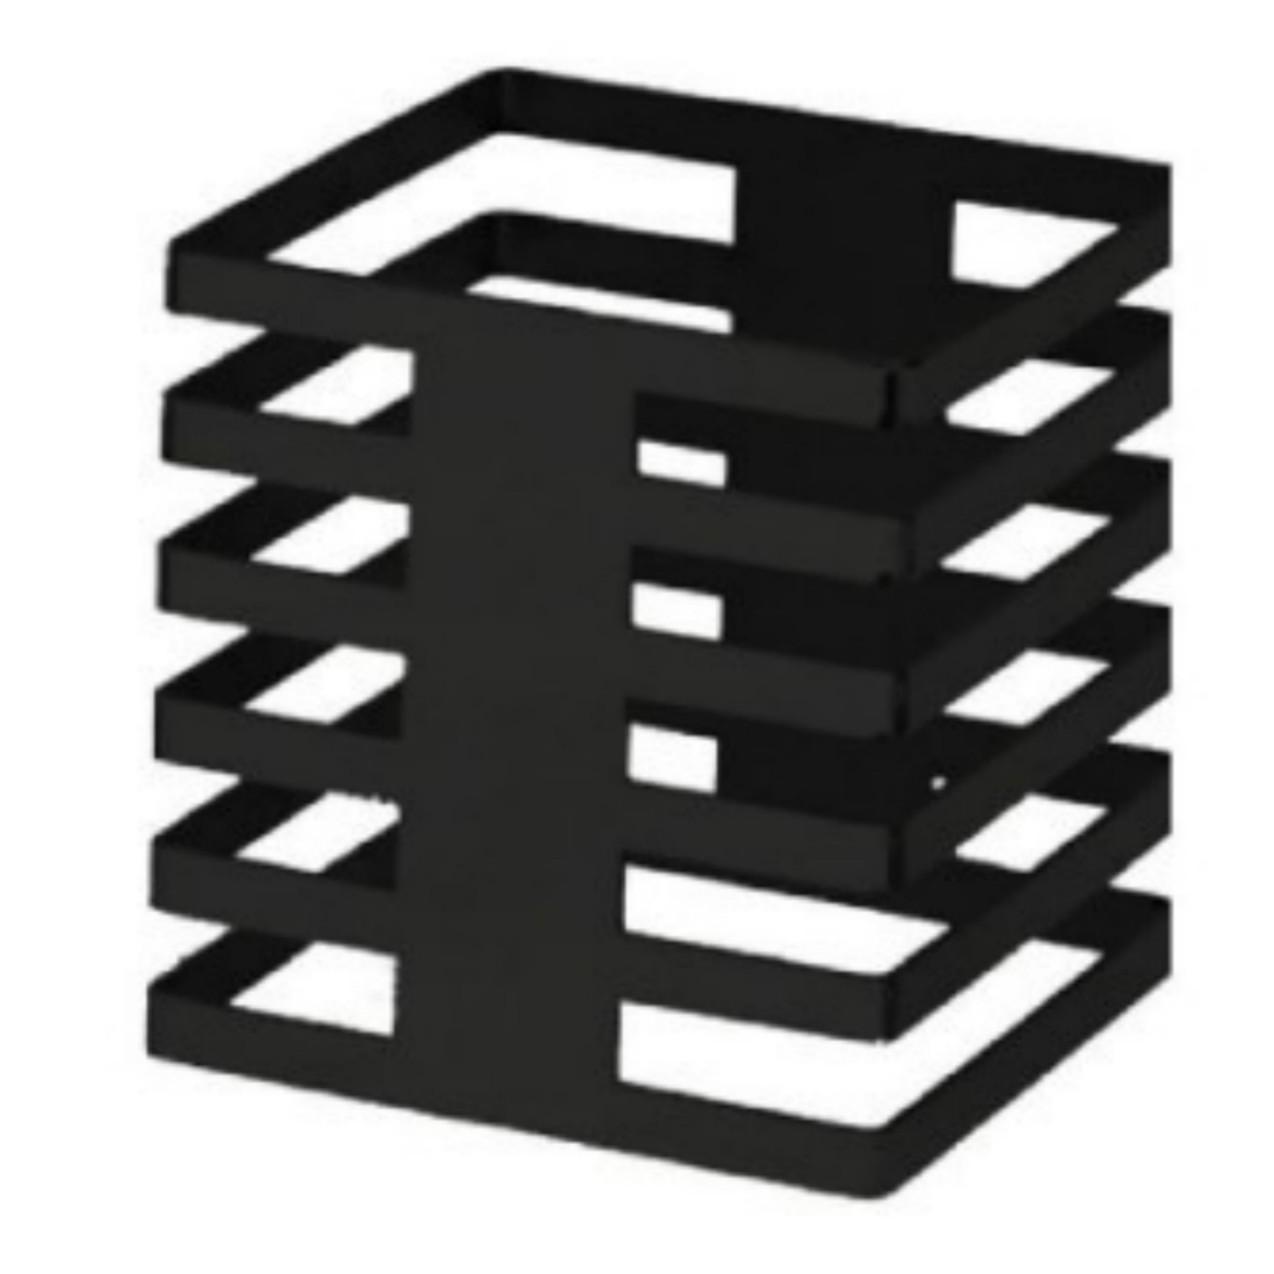 Abert Sloupek černý 22 cm